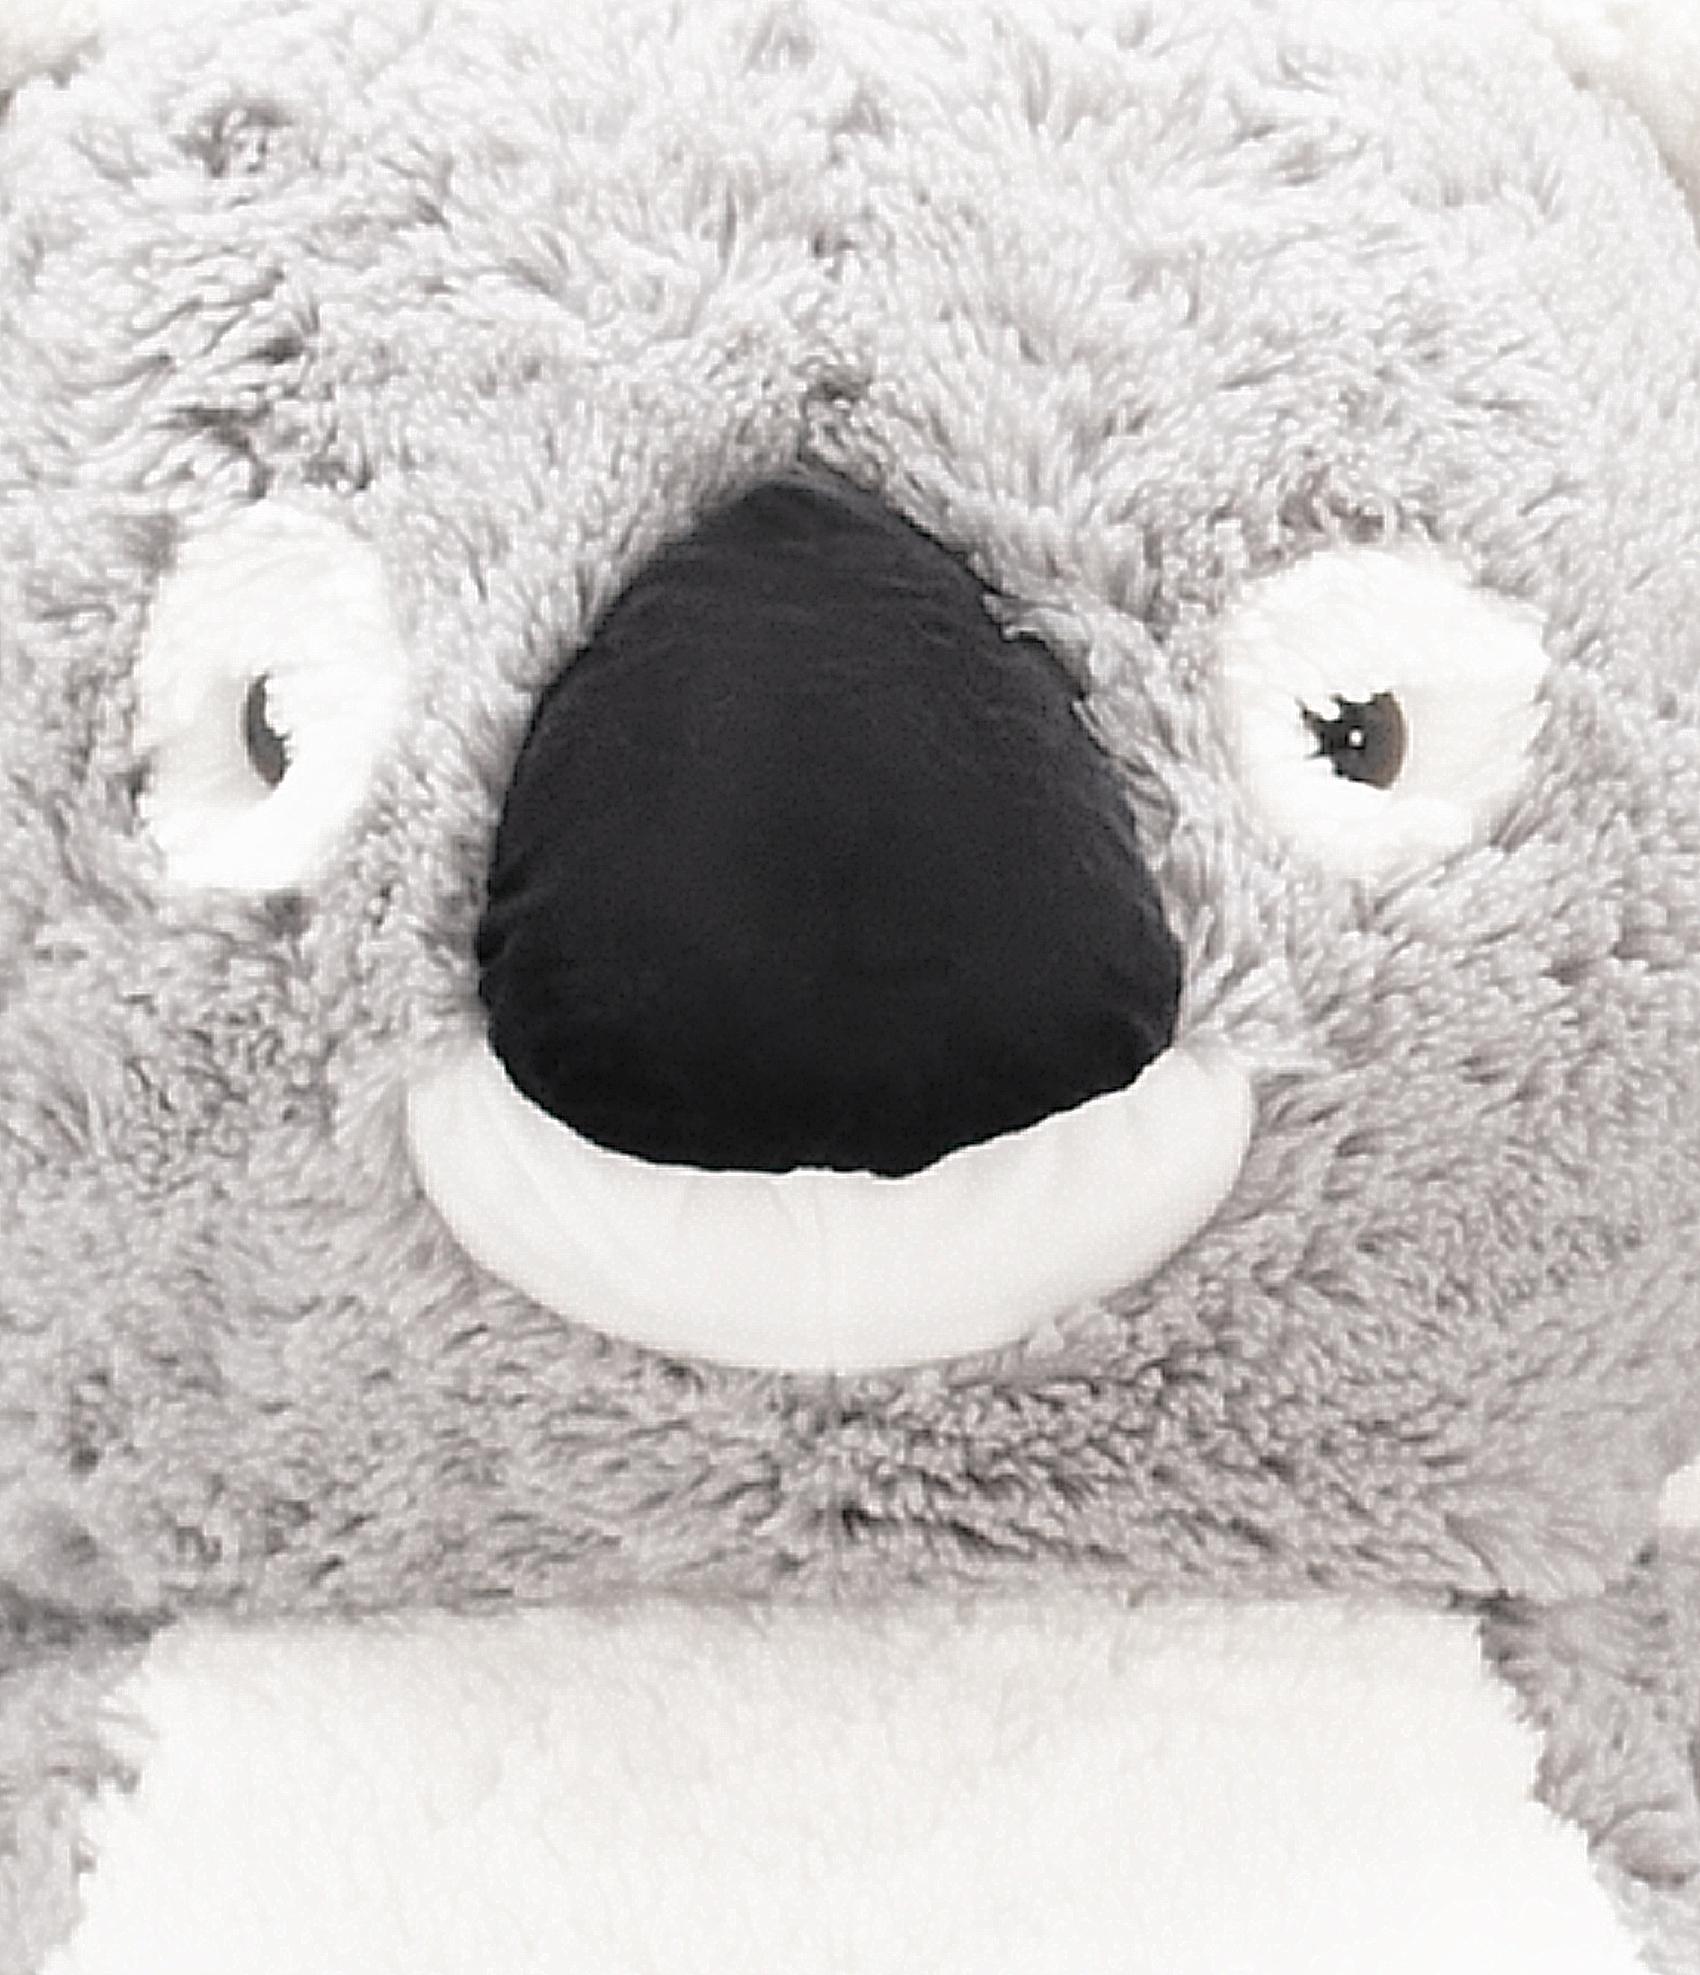 HračkyZaDobréKačky plyšový koala 130 cm